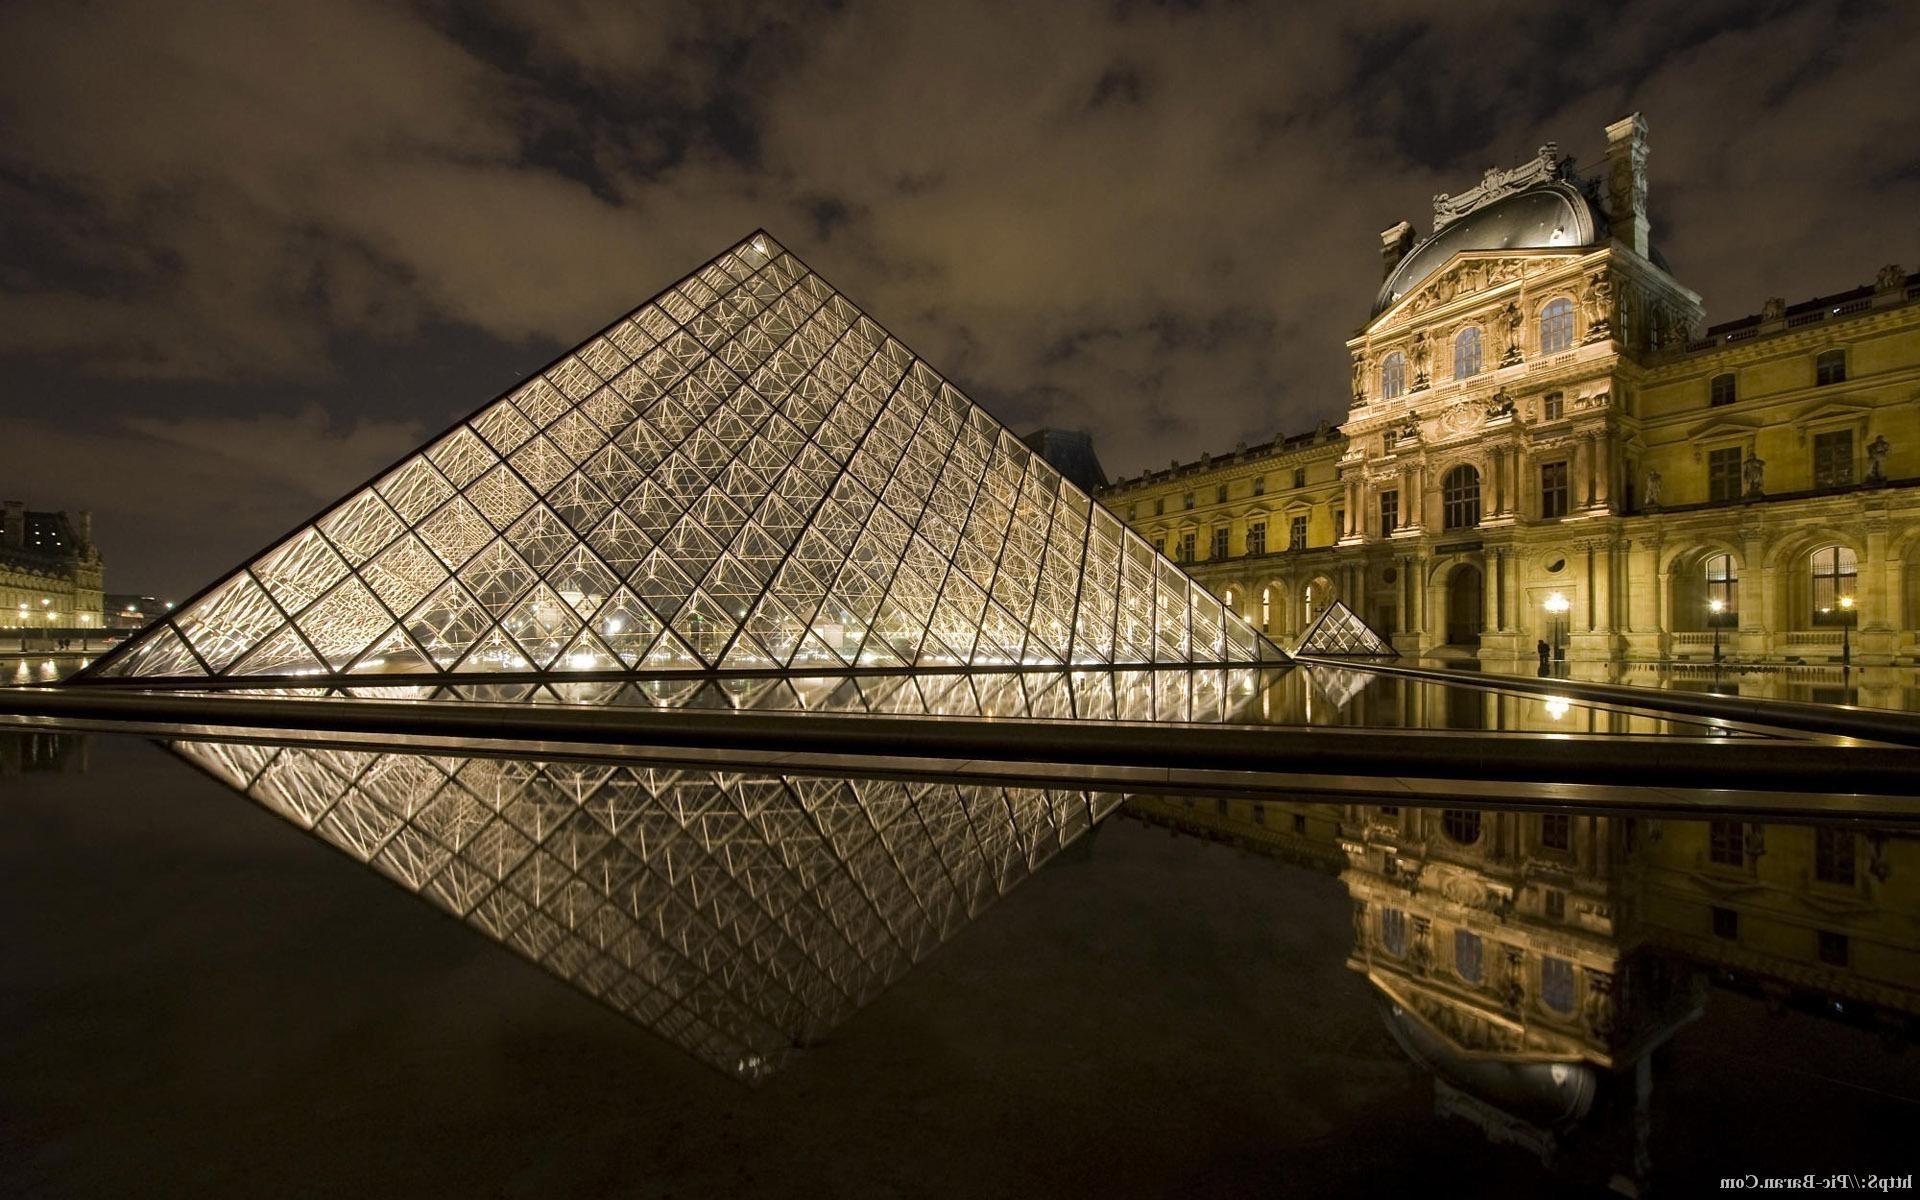 нашел других музеи мира фото архитектура это символ розенкрейцеров